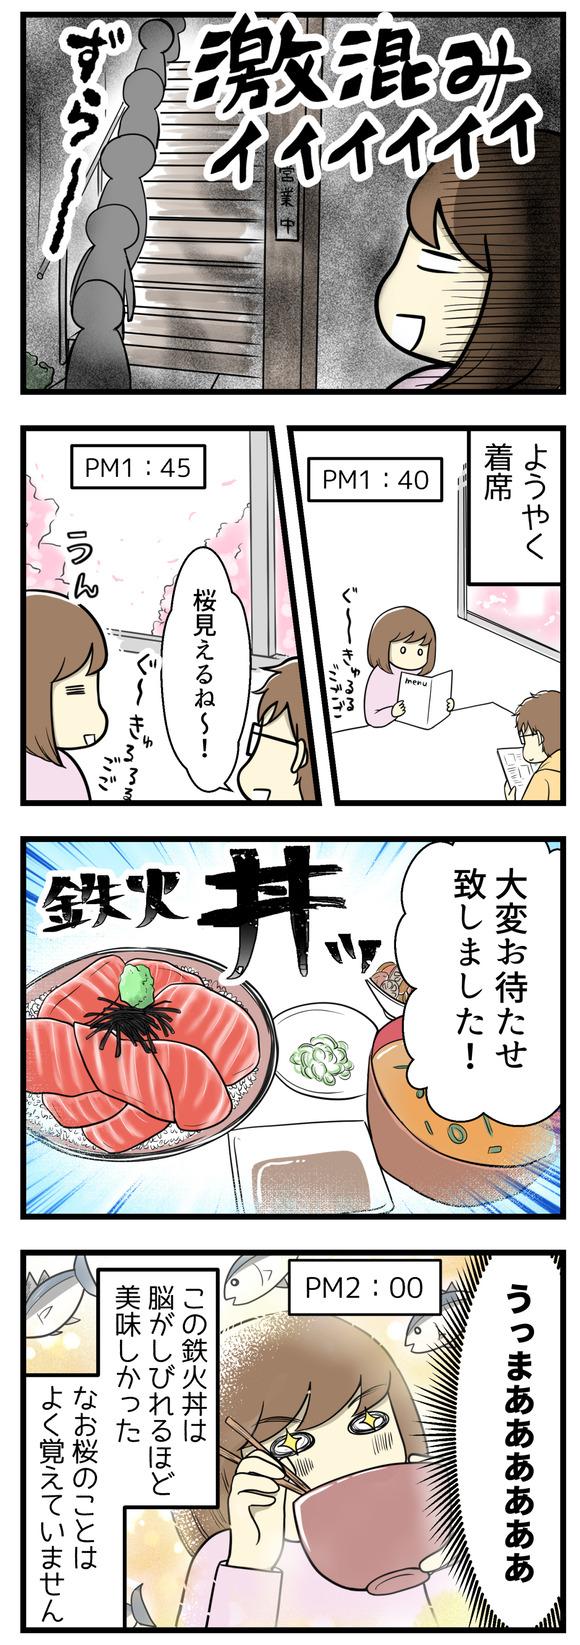 桜を見ながら食事したいと考えた結果-2-